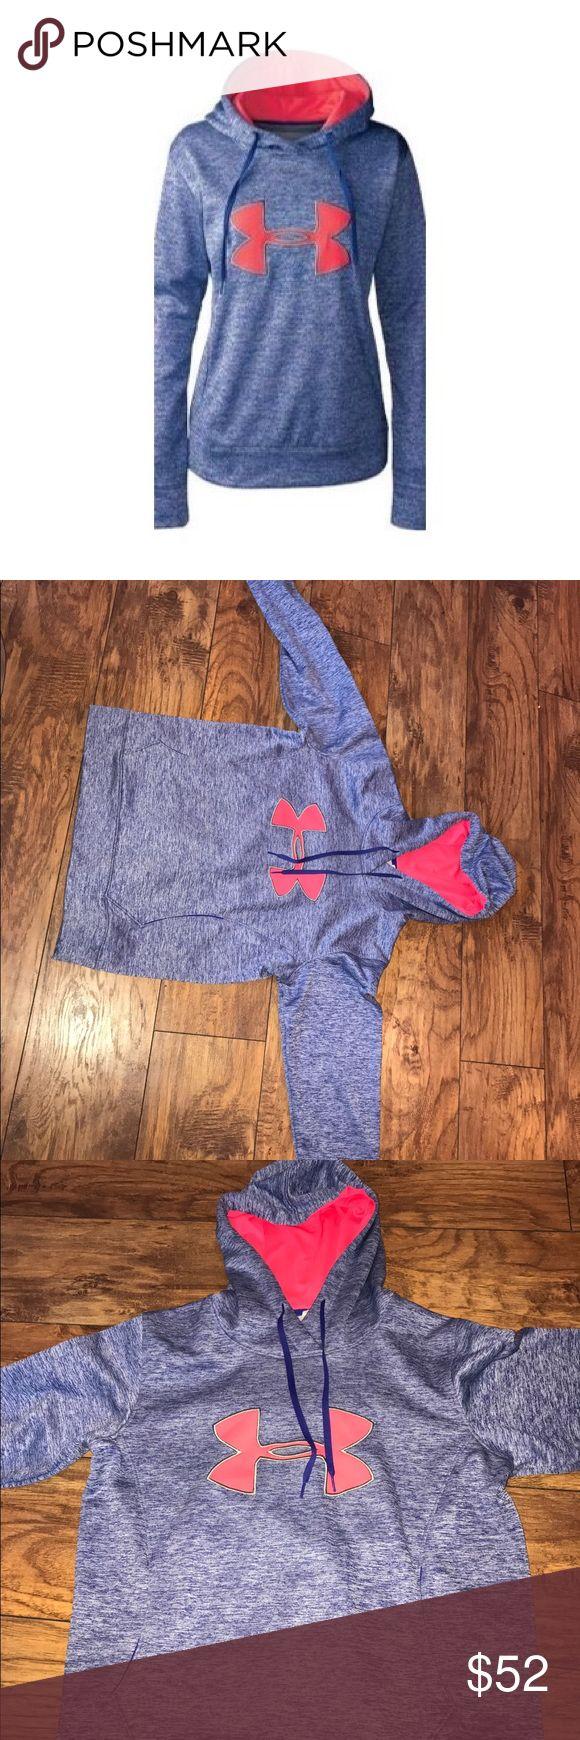 Women's Under Armour Hoodie Excellent used condition Womens Under Armour hoodie. Under Armour Tops Sweatshirts & Hoodies